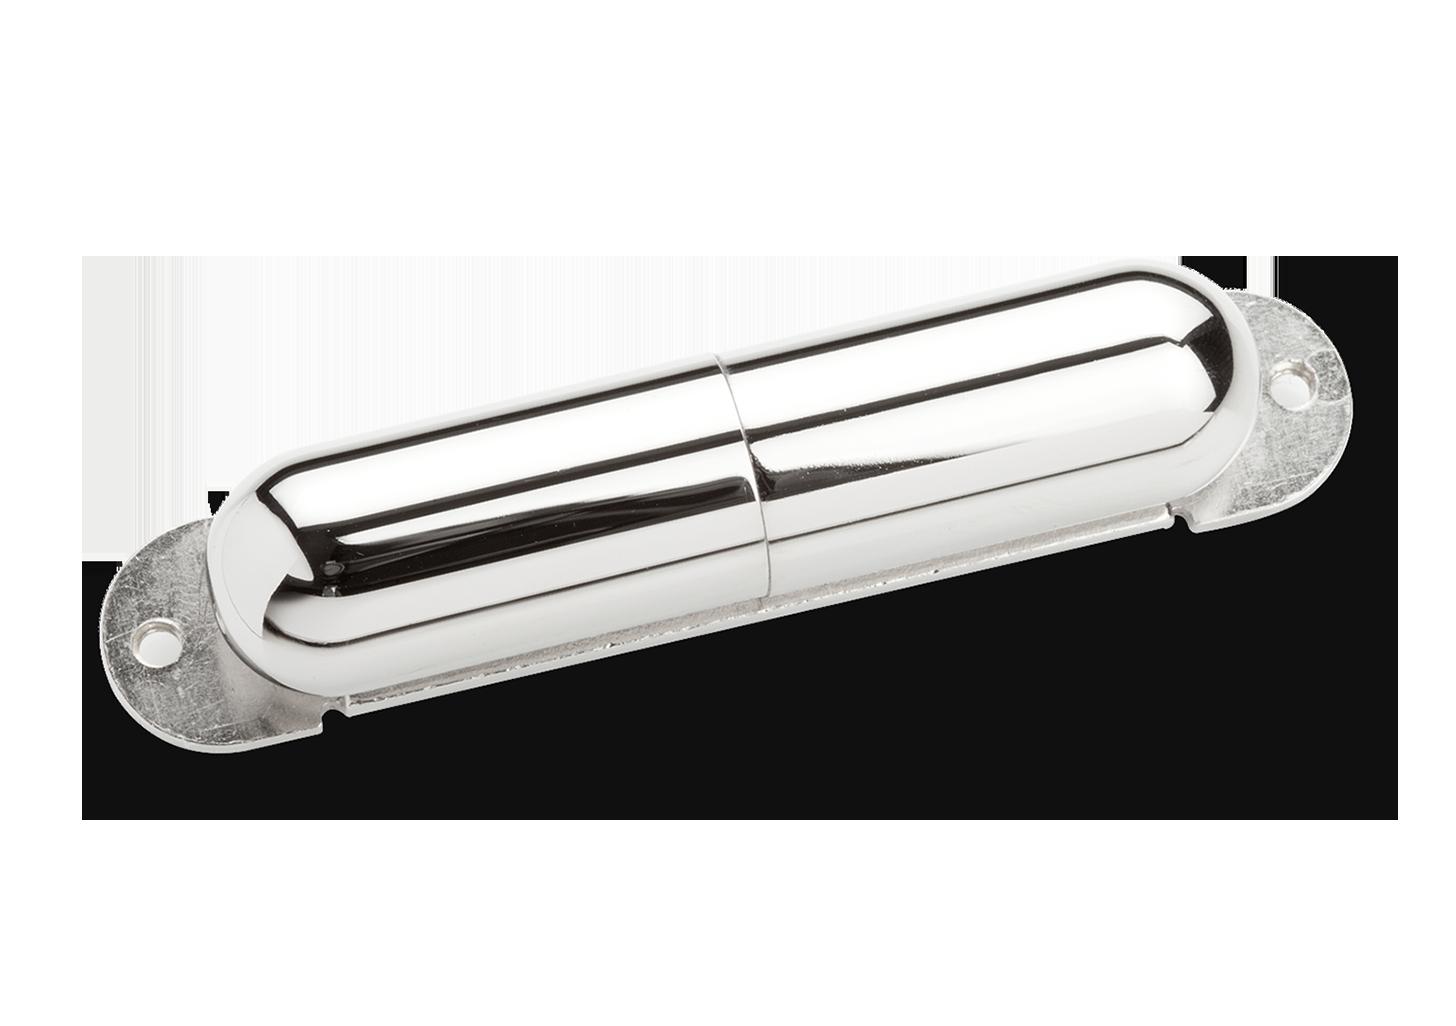 Seymour Duncan Lipstick Tube Strat (SLS-1)